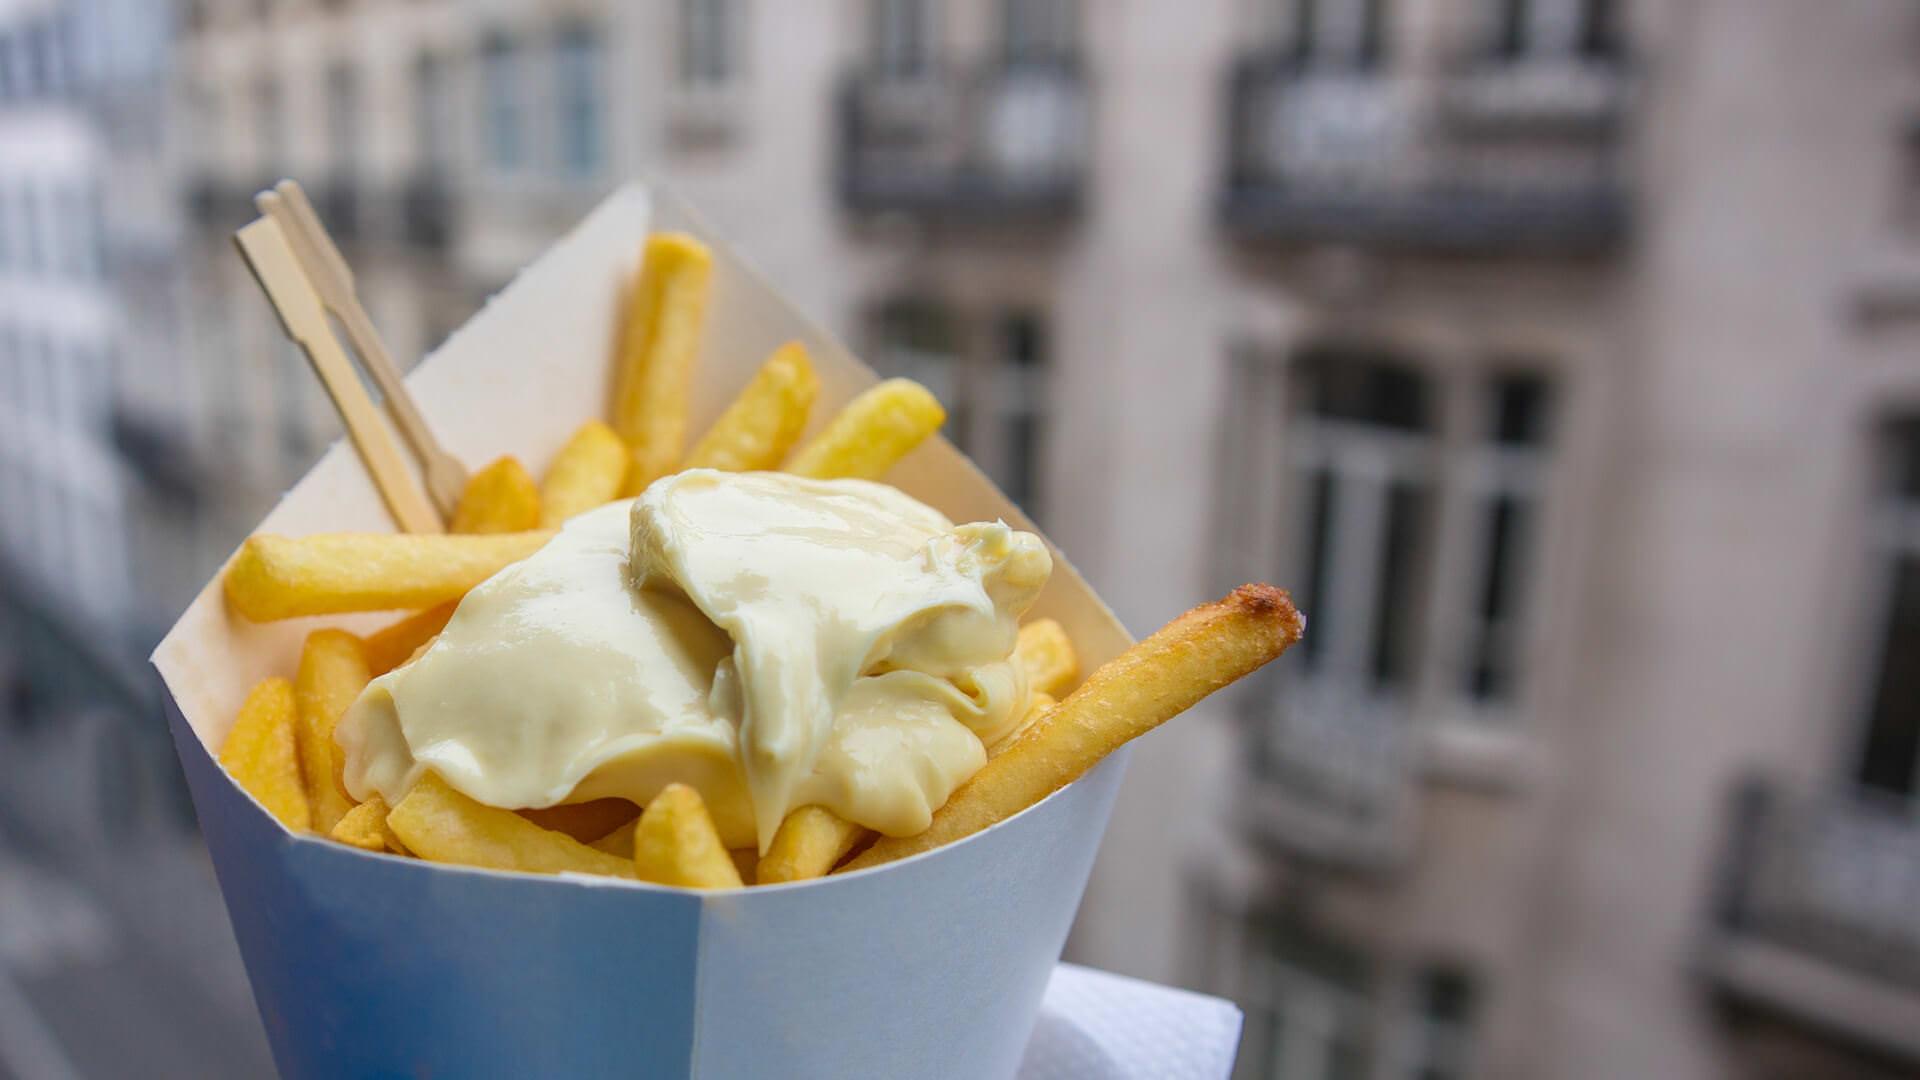 Avrupa'nın En Lezzetli Patatesi, Belçika Patatesi